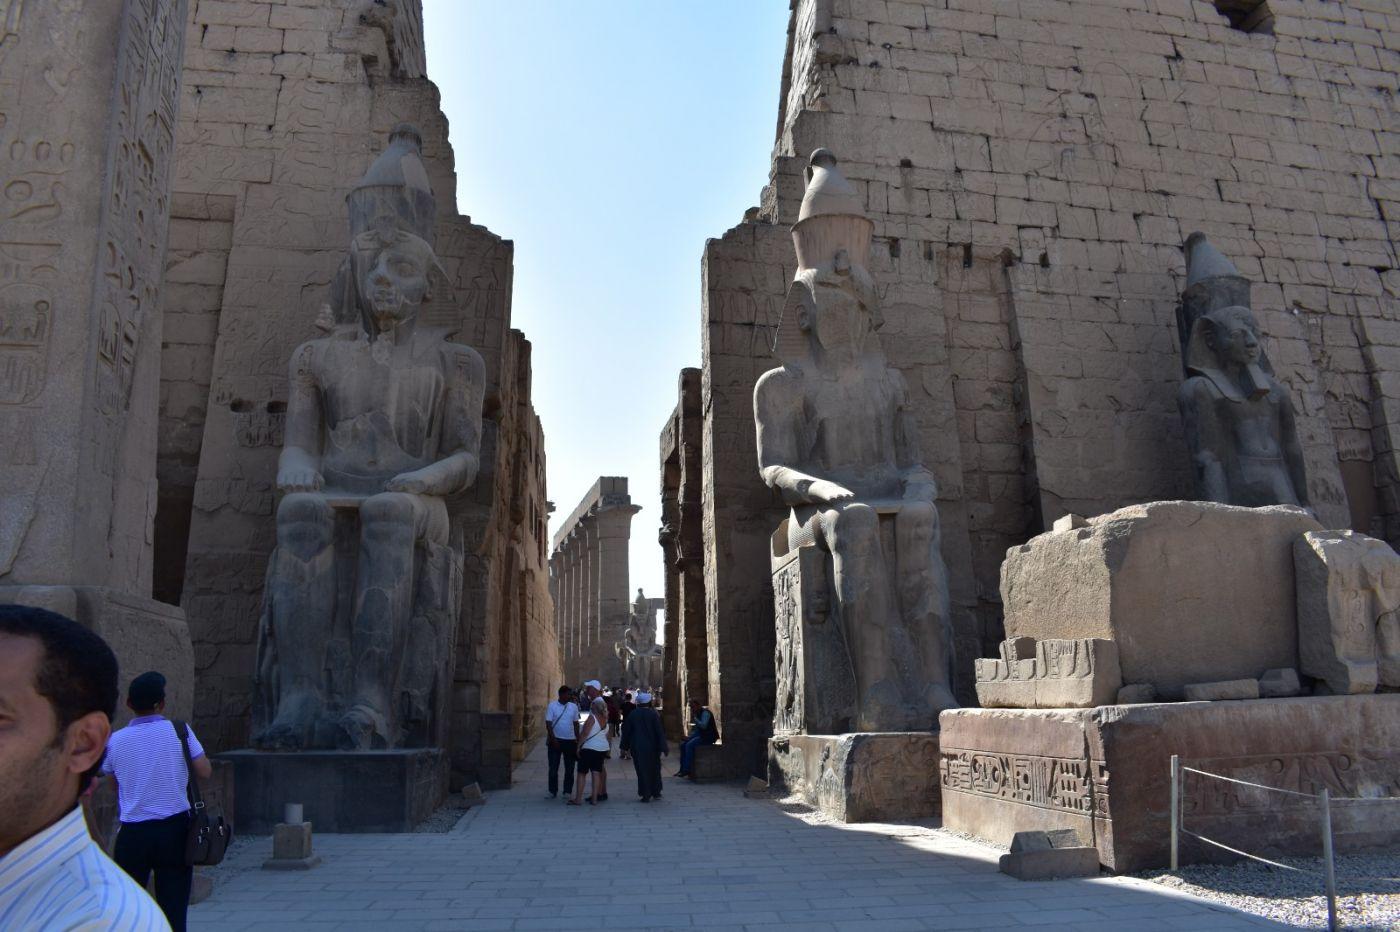 埃德富神庙和卢克索神庙_图1-22